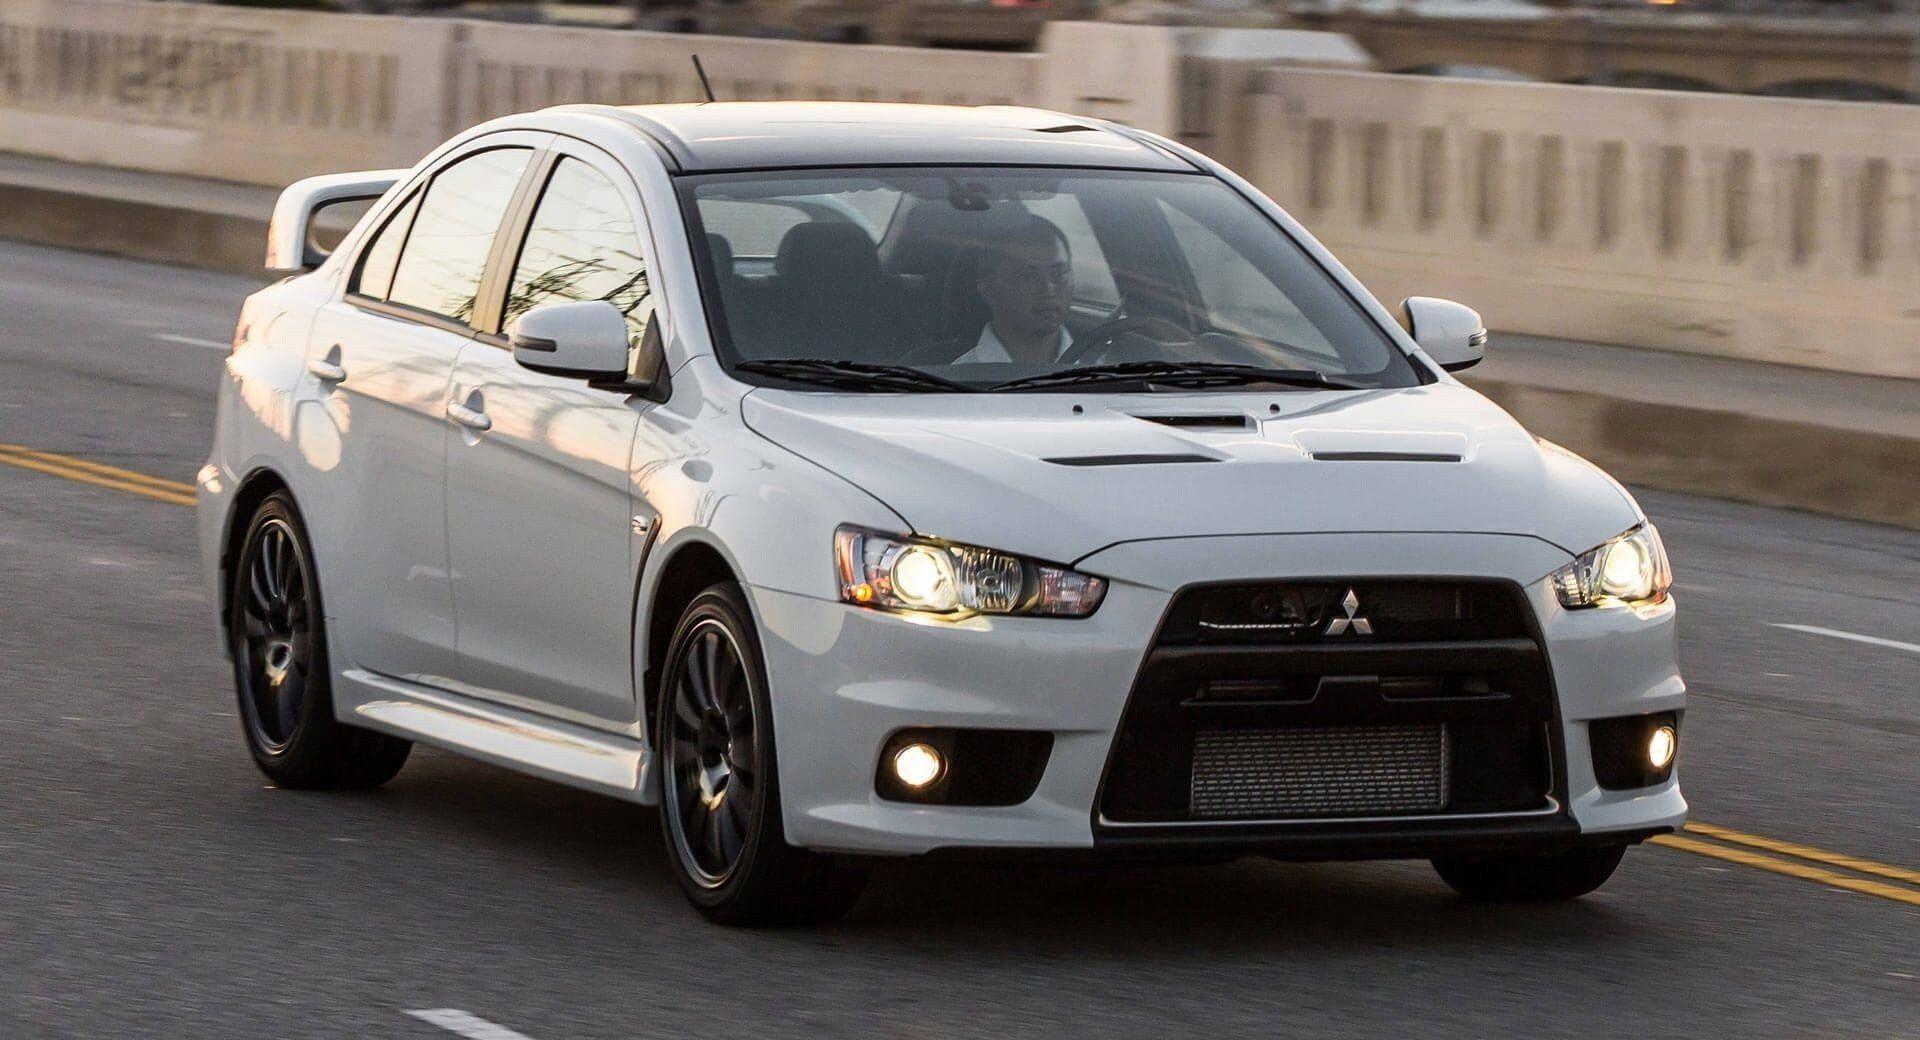 2020 Mitsubishi EVO XI Reviews